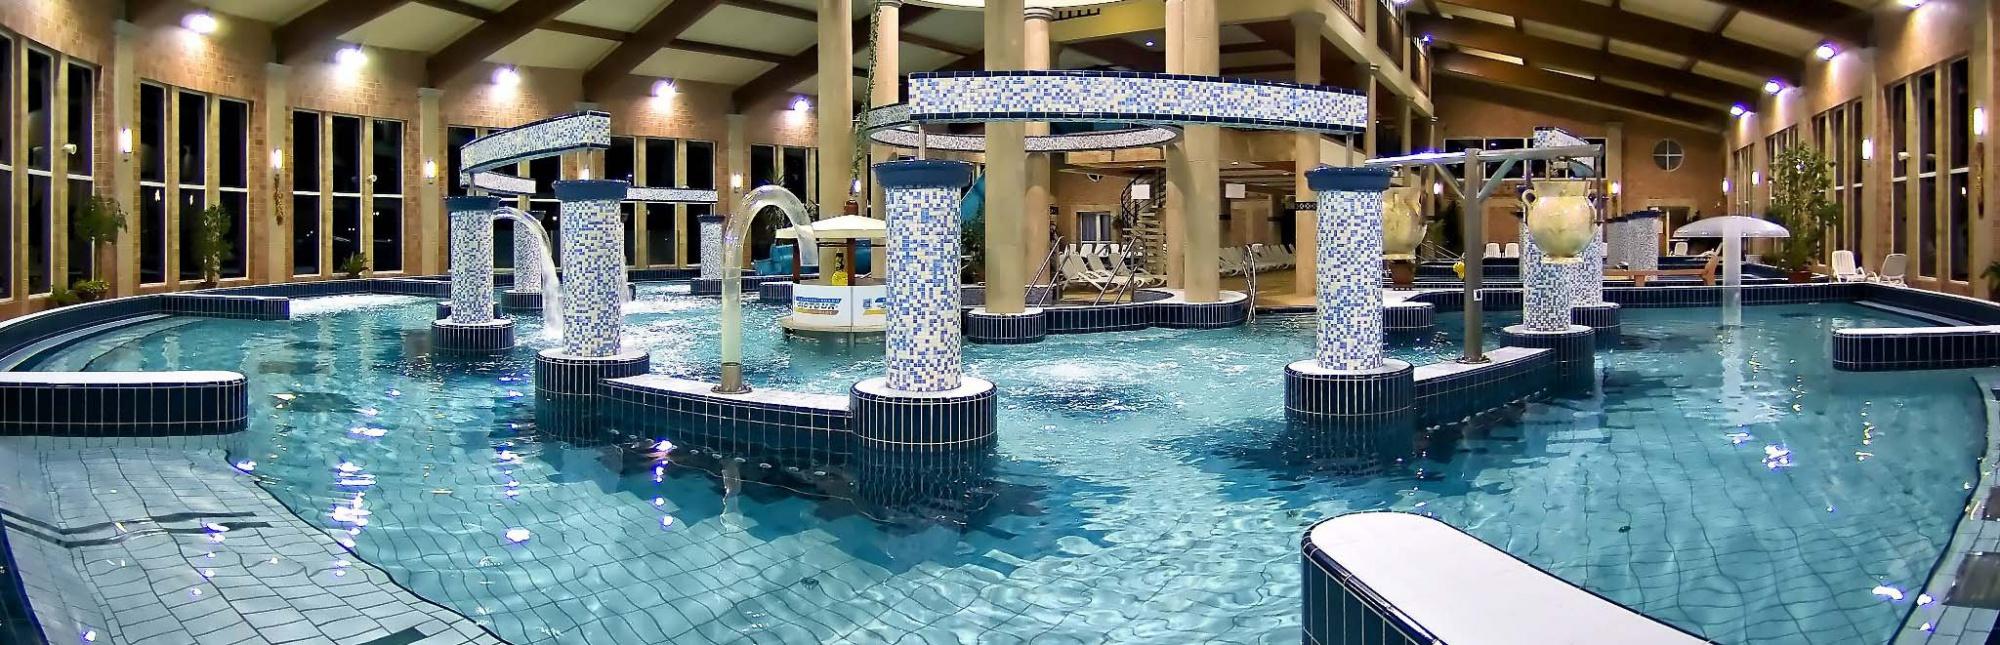 szülinapi buli helyszínek felnőtteknek Születésnapi party   Galerius Élményfürdő és Wellness Központ szülinapi buli helyszínek felnőtteknek